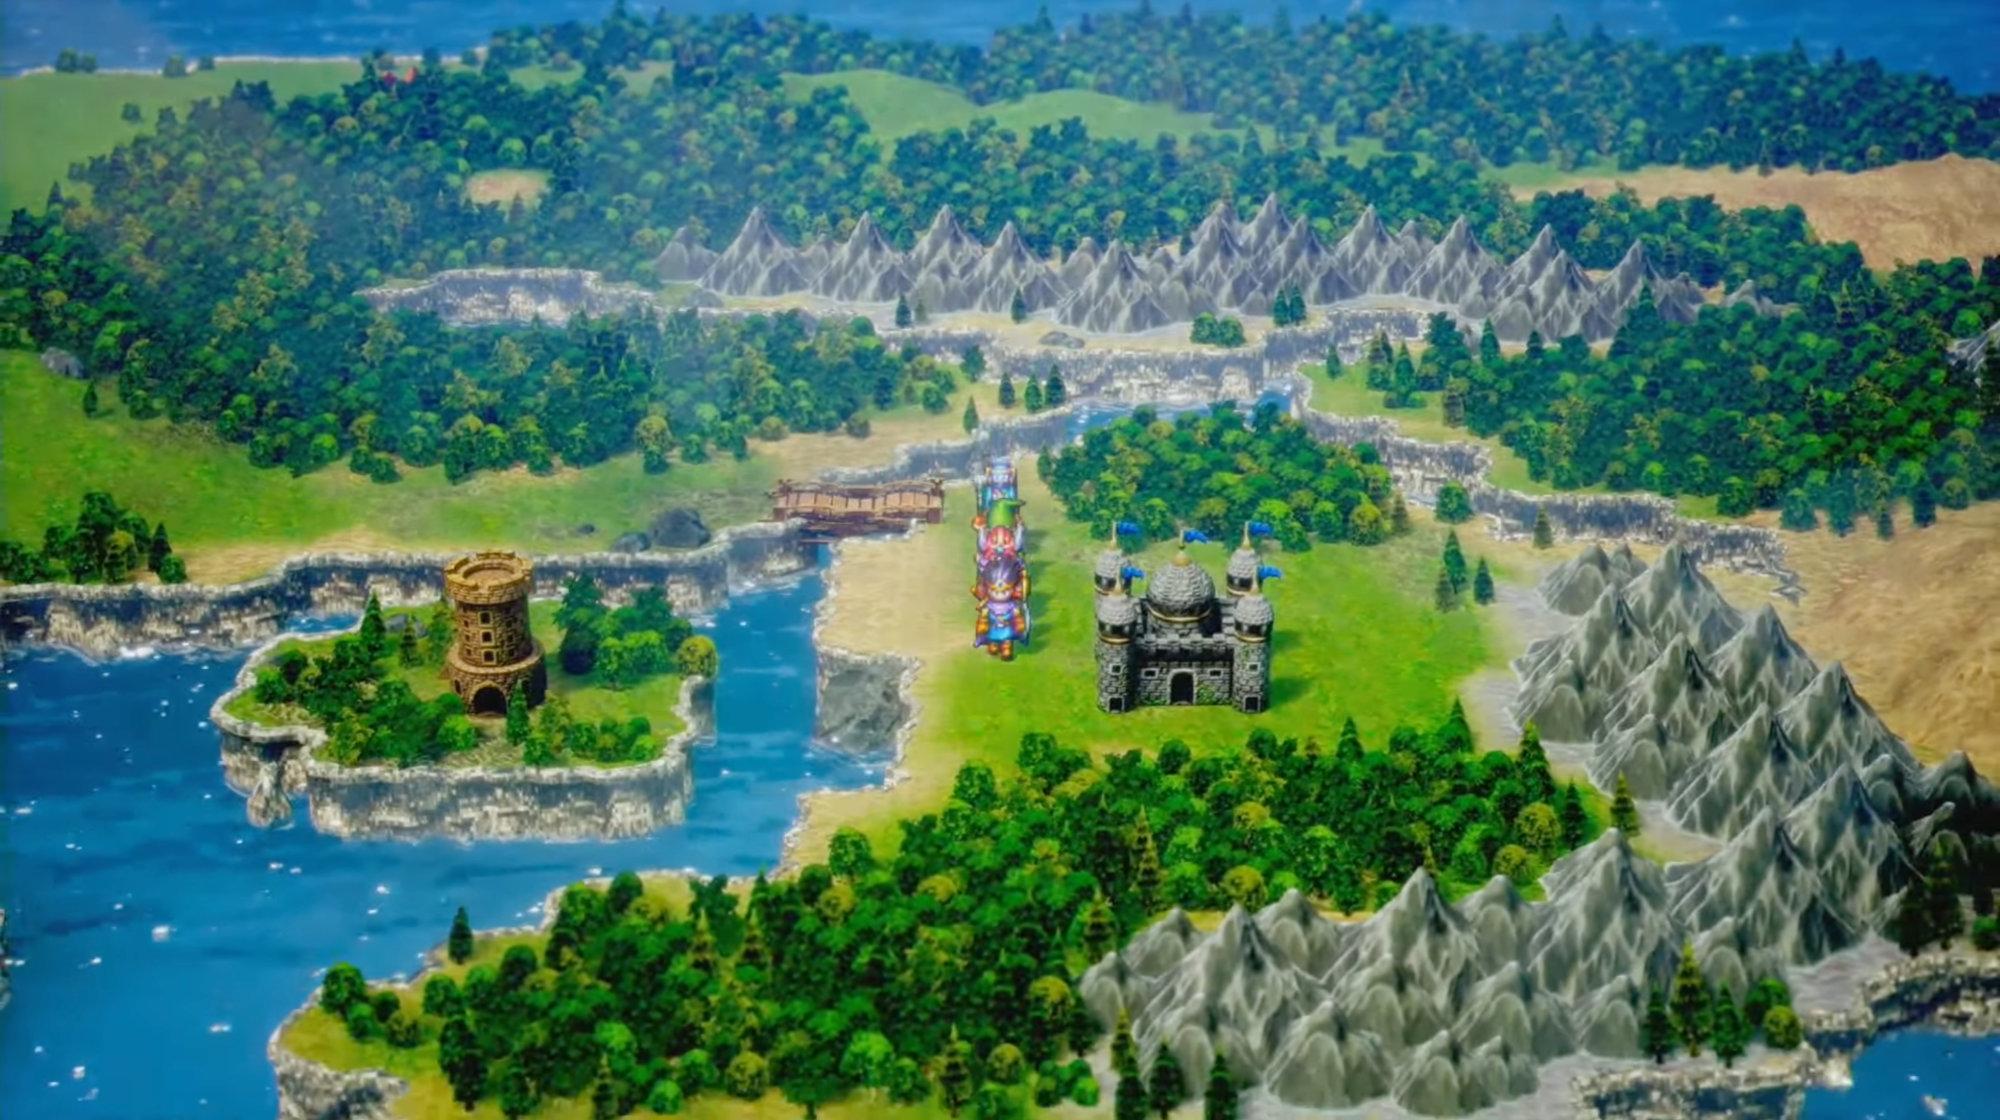 Screenshot From Dragon Quest III HD-2D Remake